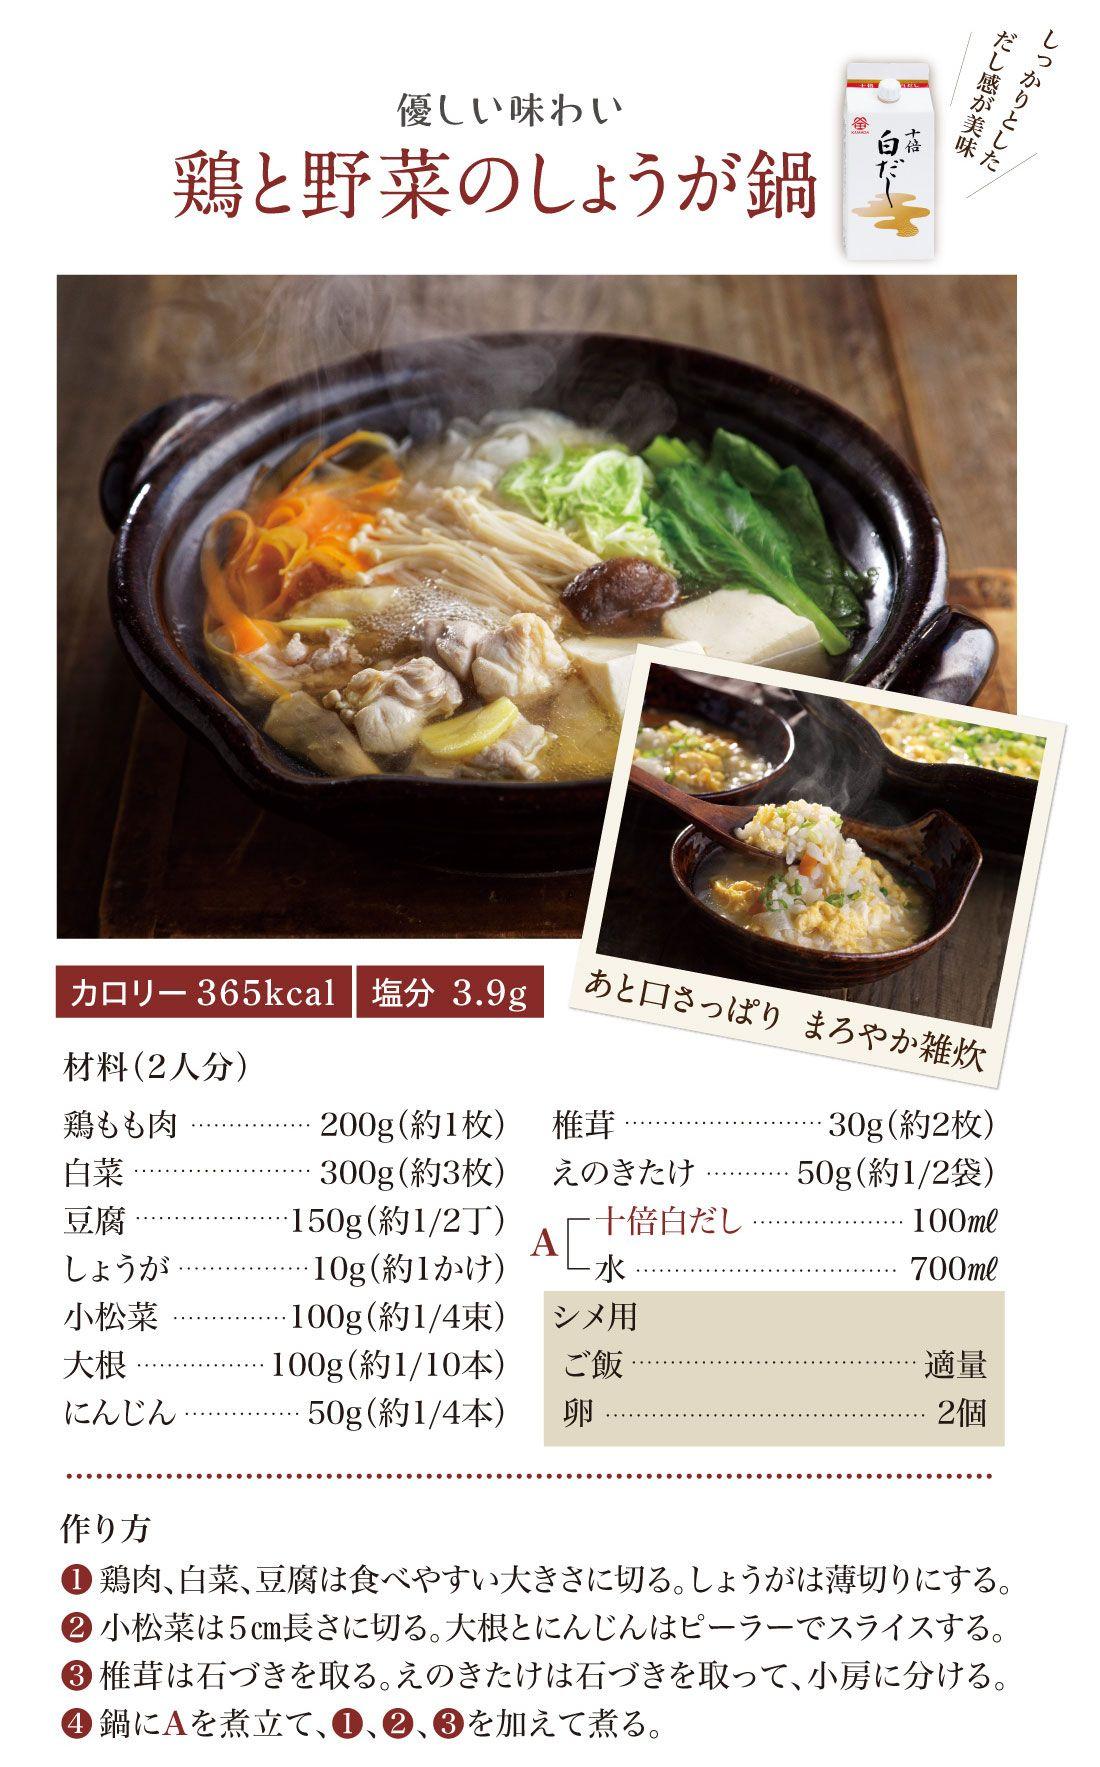 鶏と野菜のしょうが鍋